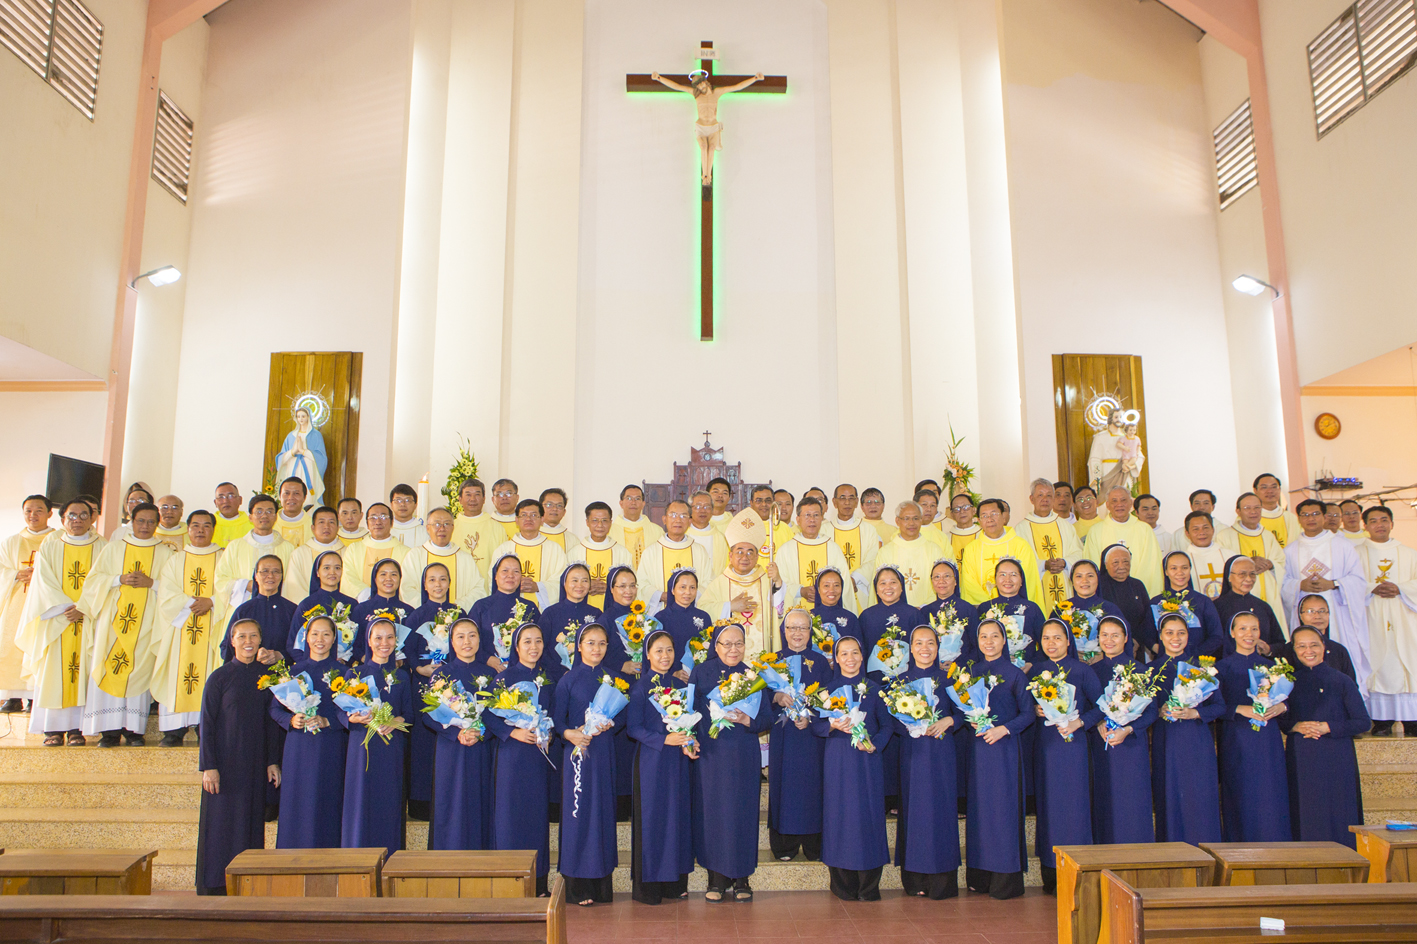 Dòng Khiết Tâm Đức Mẹ Nha Trang: Lễ Khấn Trọn Đời, Kim Khánh và Ngân Khánh khấn dòng 2019